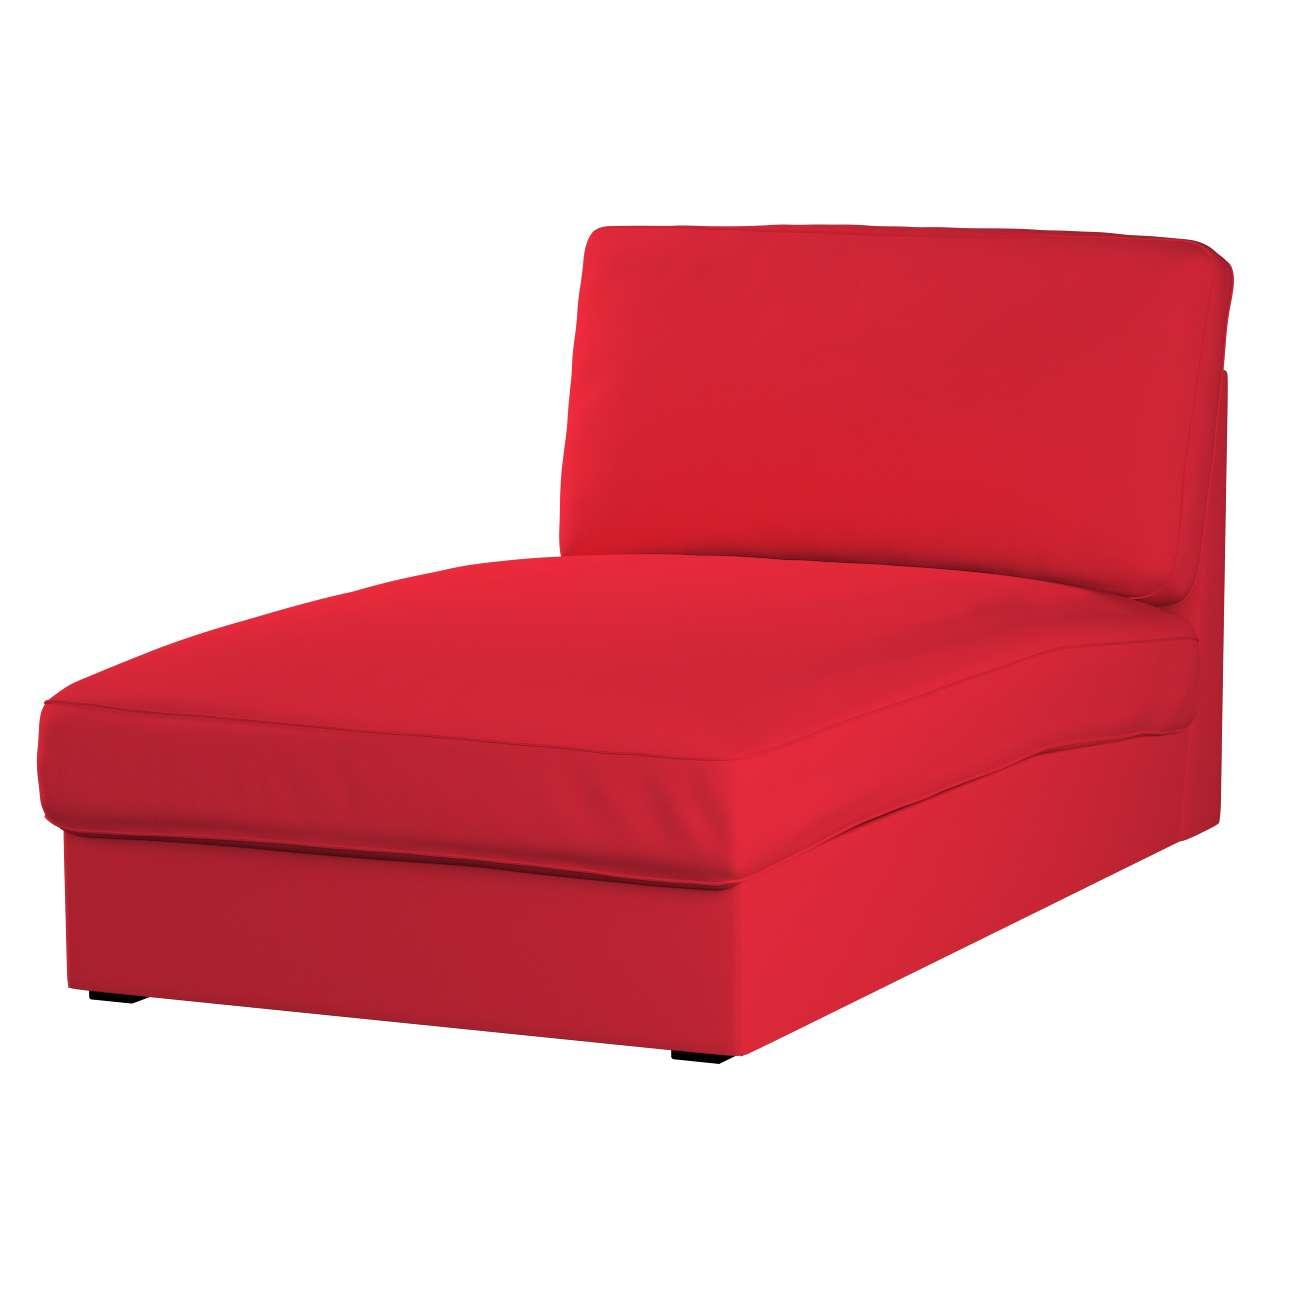 KIVIK gulimojo krėslo užvalkalas Kivik chaise longue kolekcijoje Cotton Panama, audinys: 702-04